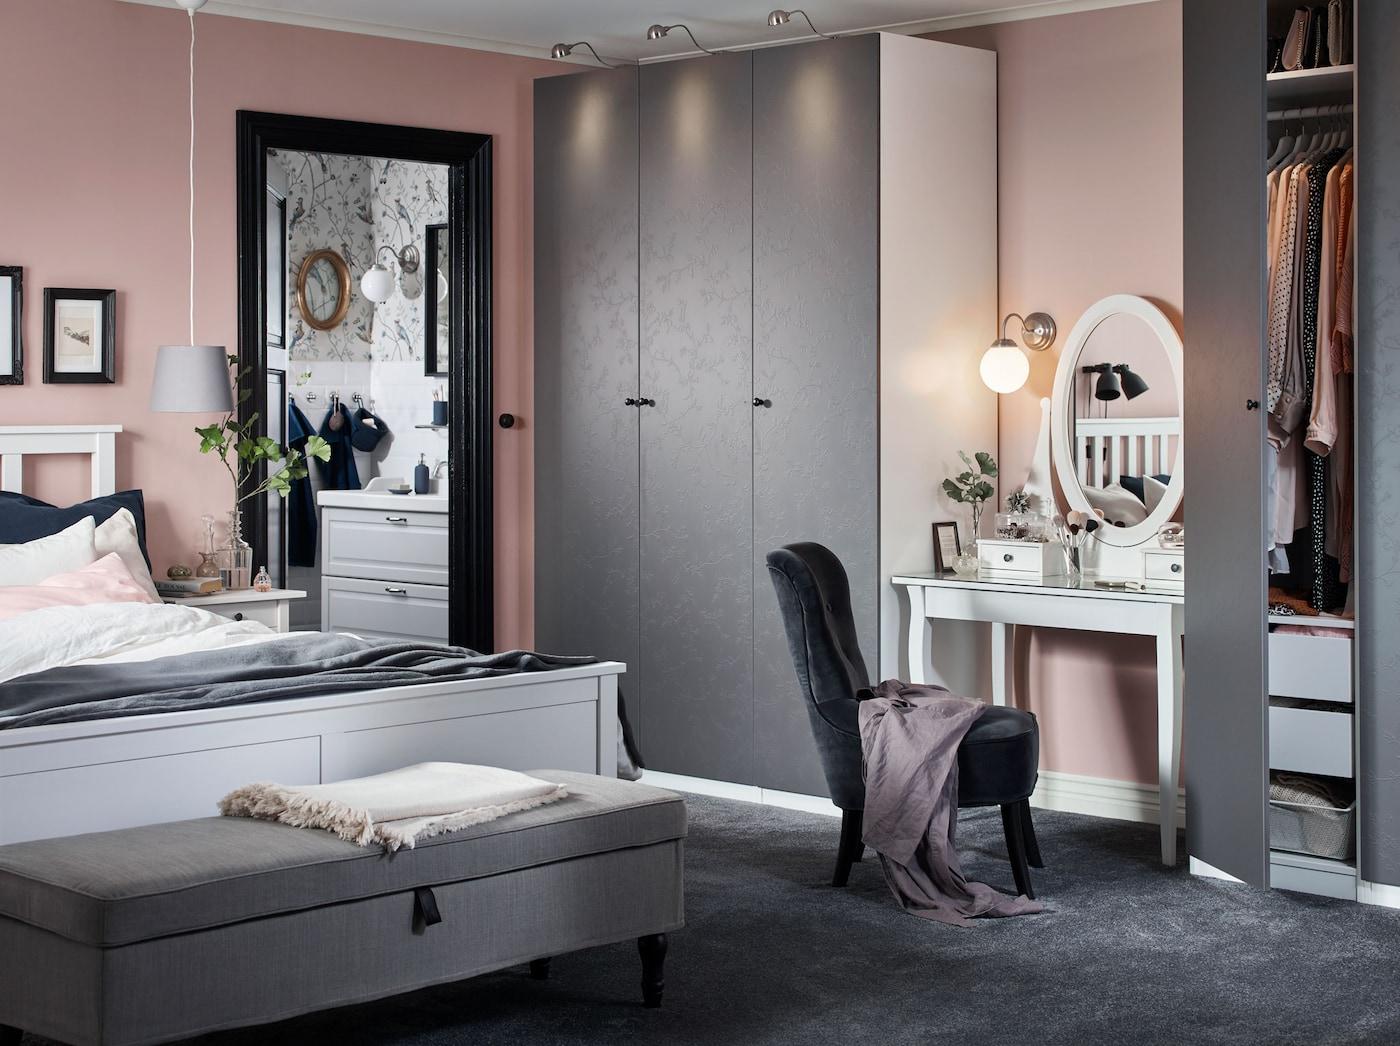 Schlafzimmer mit rosa Wänden, grauen Schränken, weißem Bett & Schminktisch mit grauem Sessel.